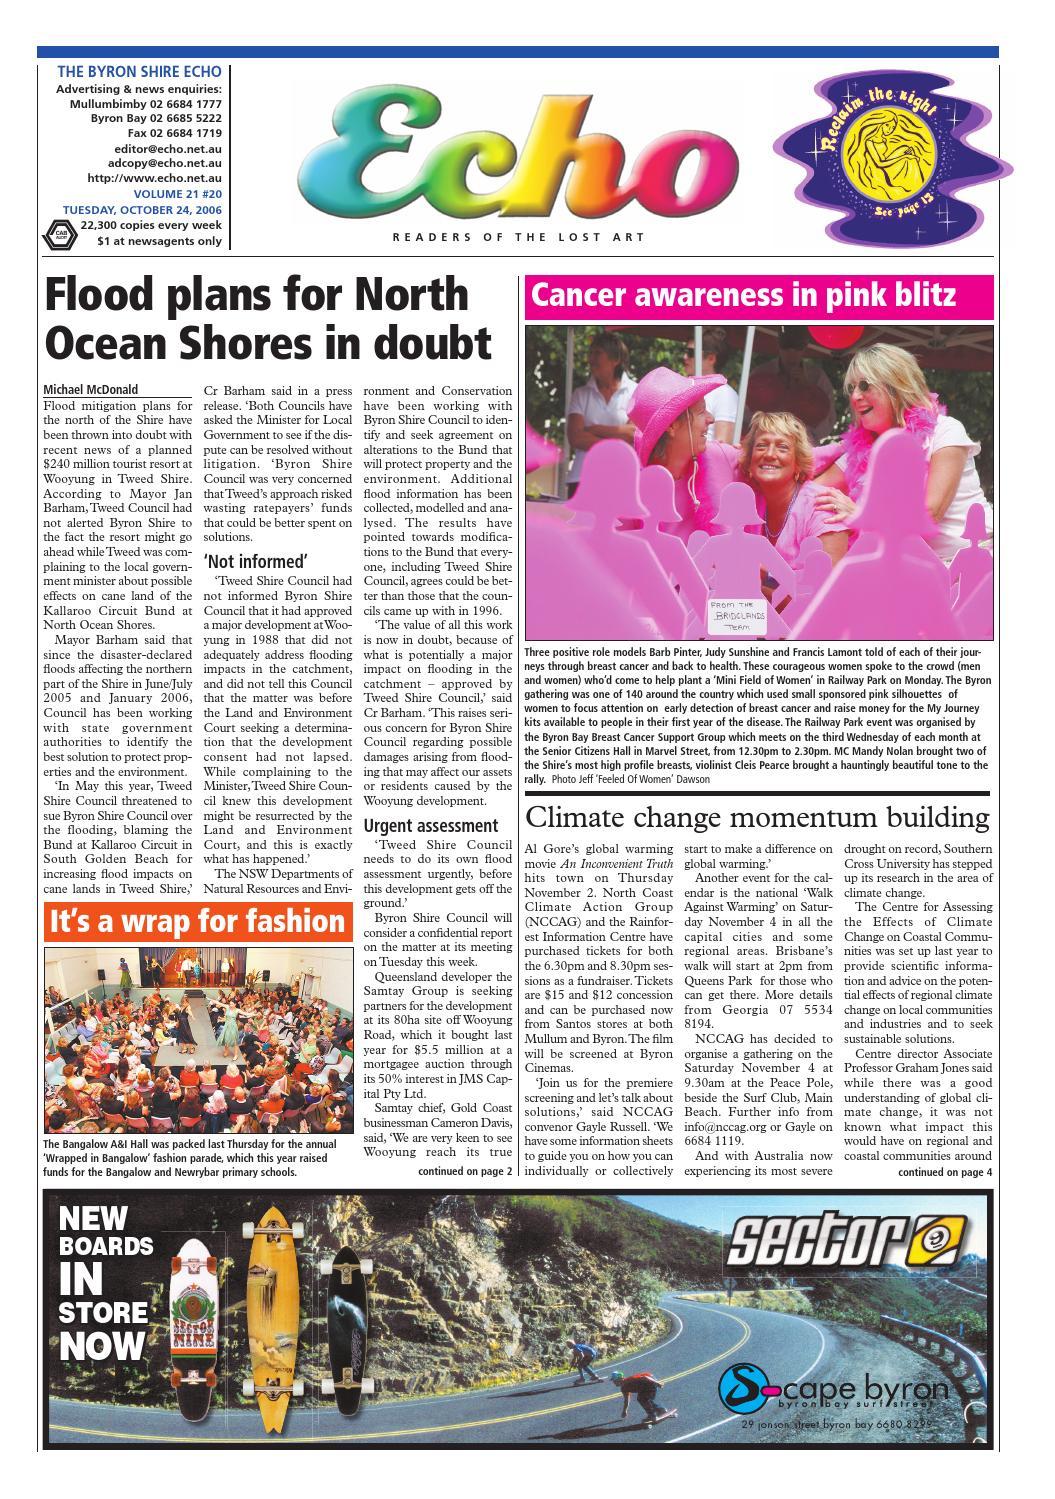 fb85f713bad Byron Shire Echo – Issue 21.20 – 24 10 2006 by Echo Publications - issuu